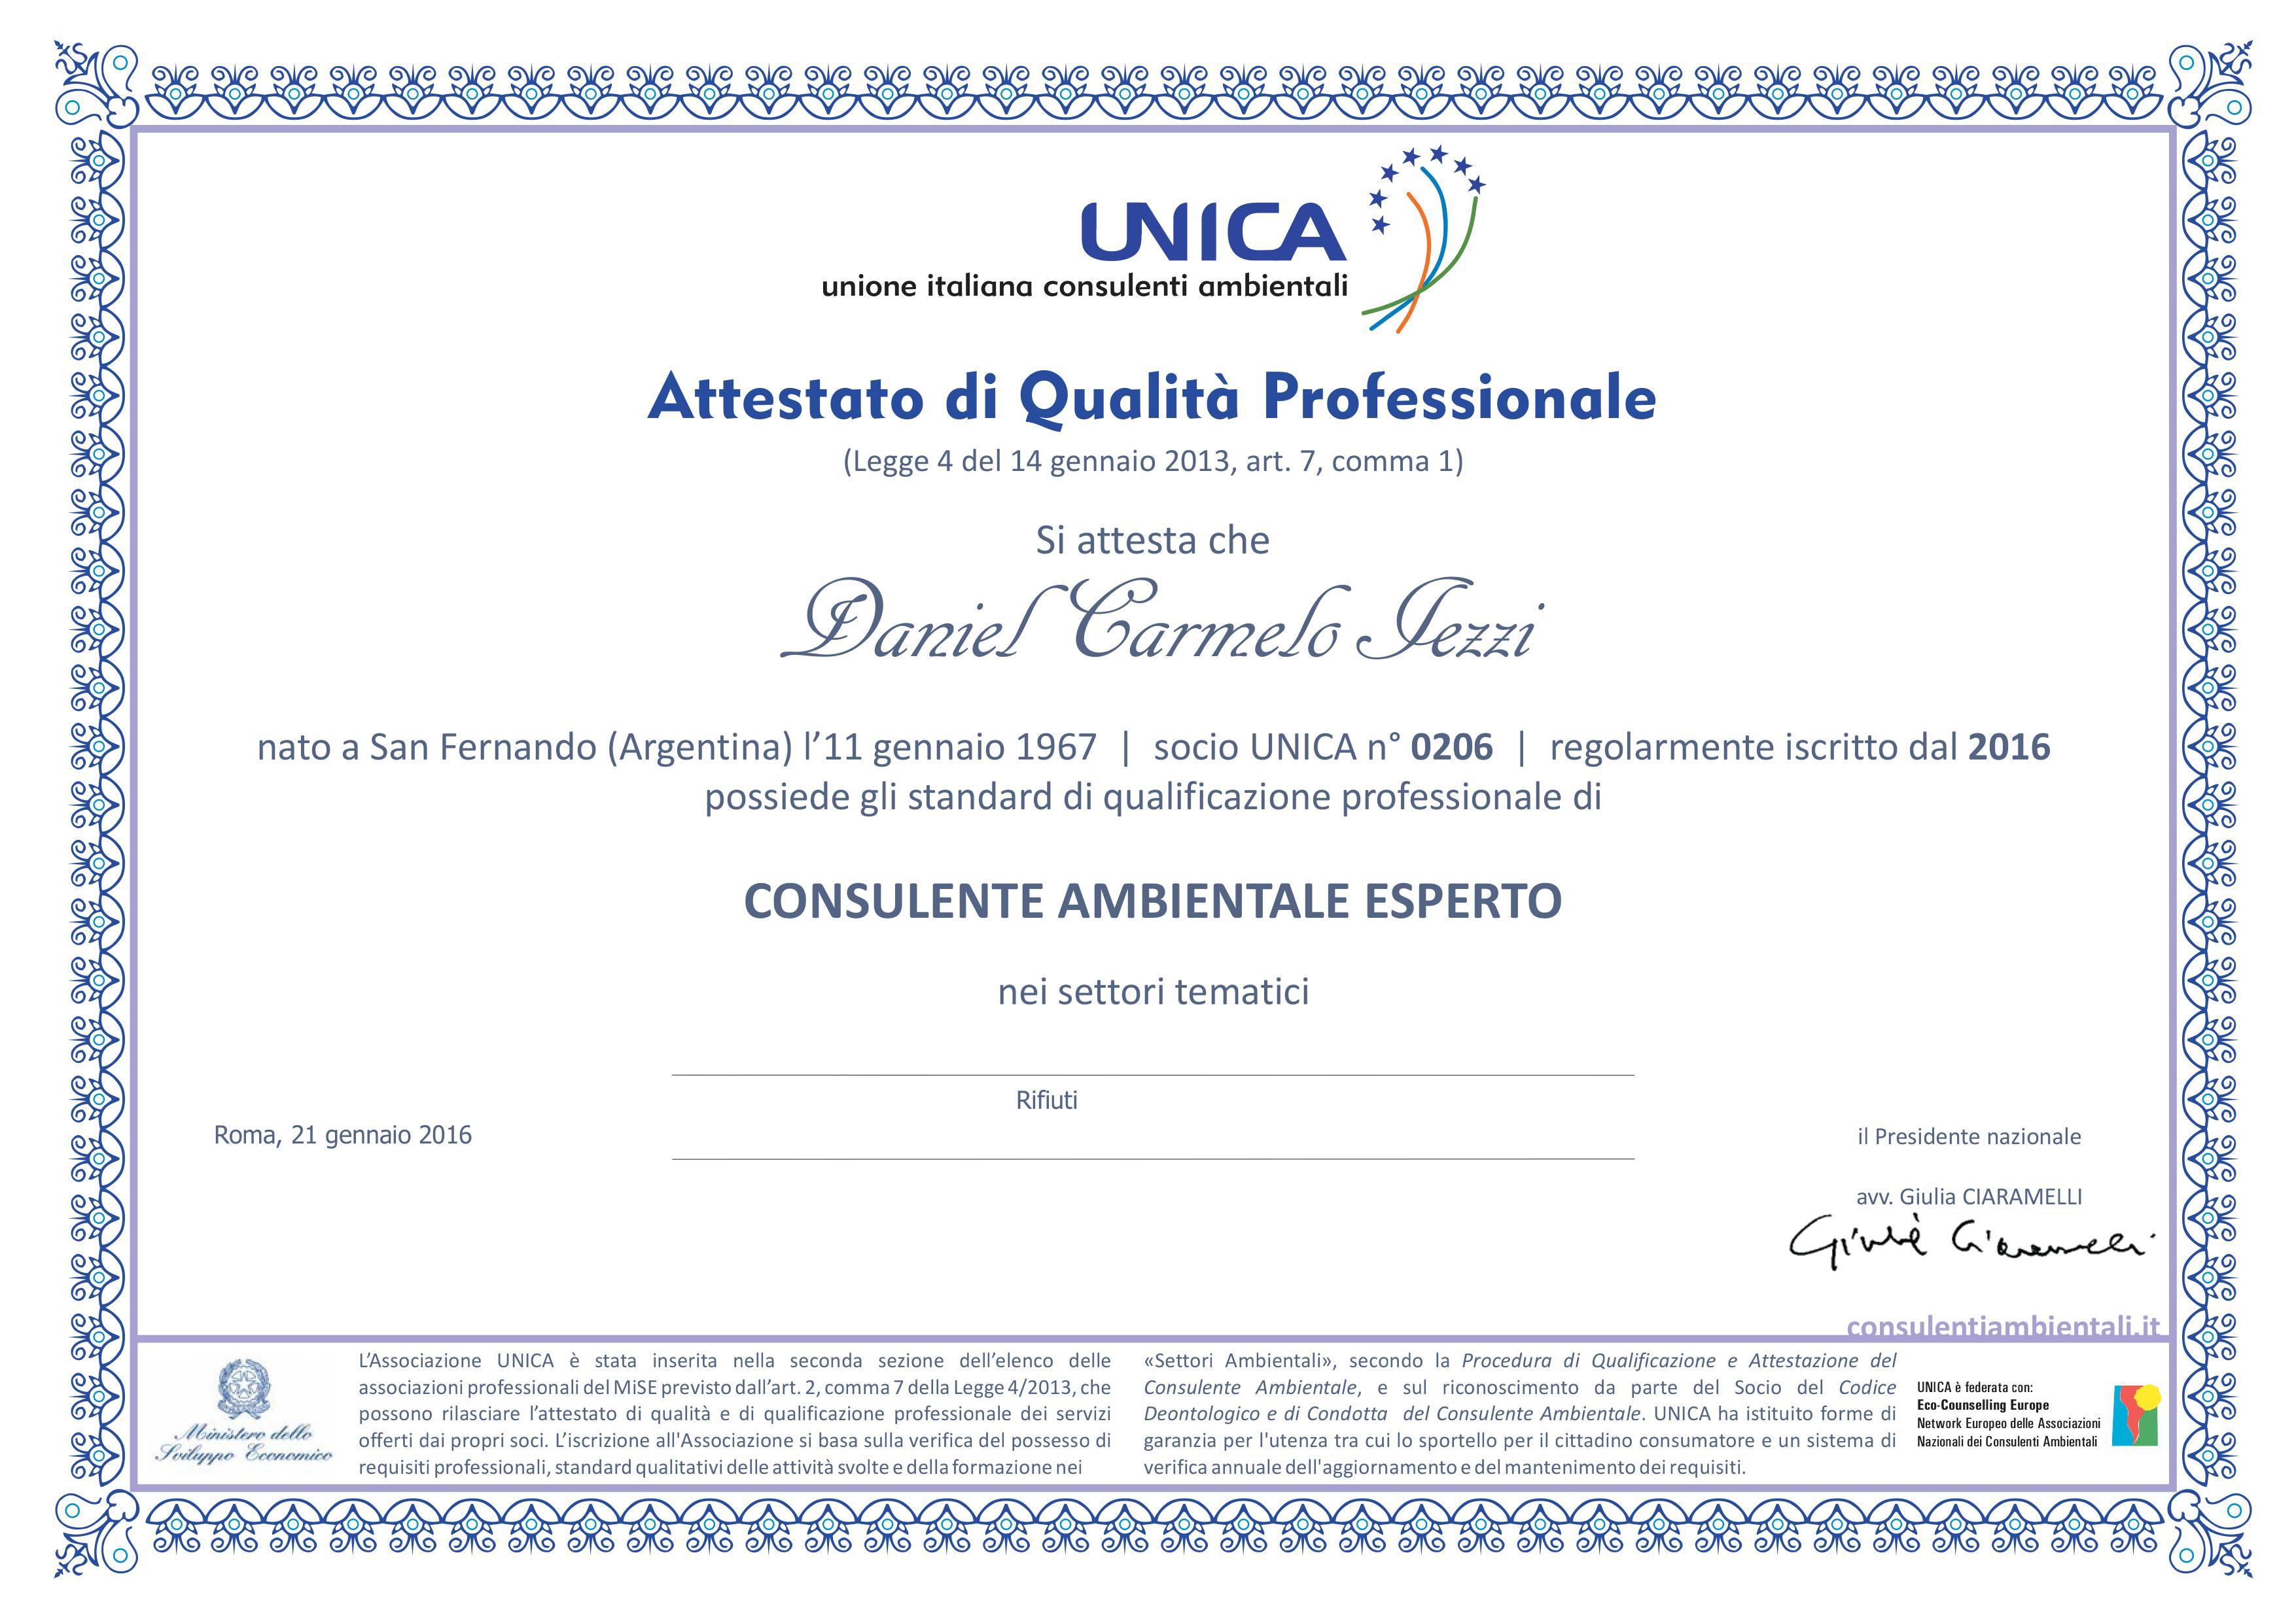 Attestato di qualità professionale UNICA, consulenza ambientale